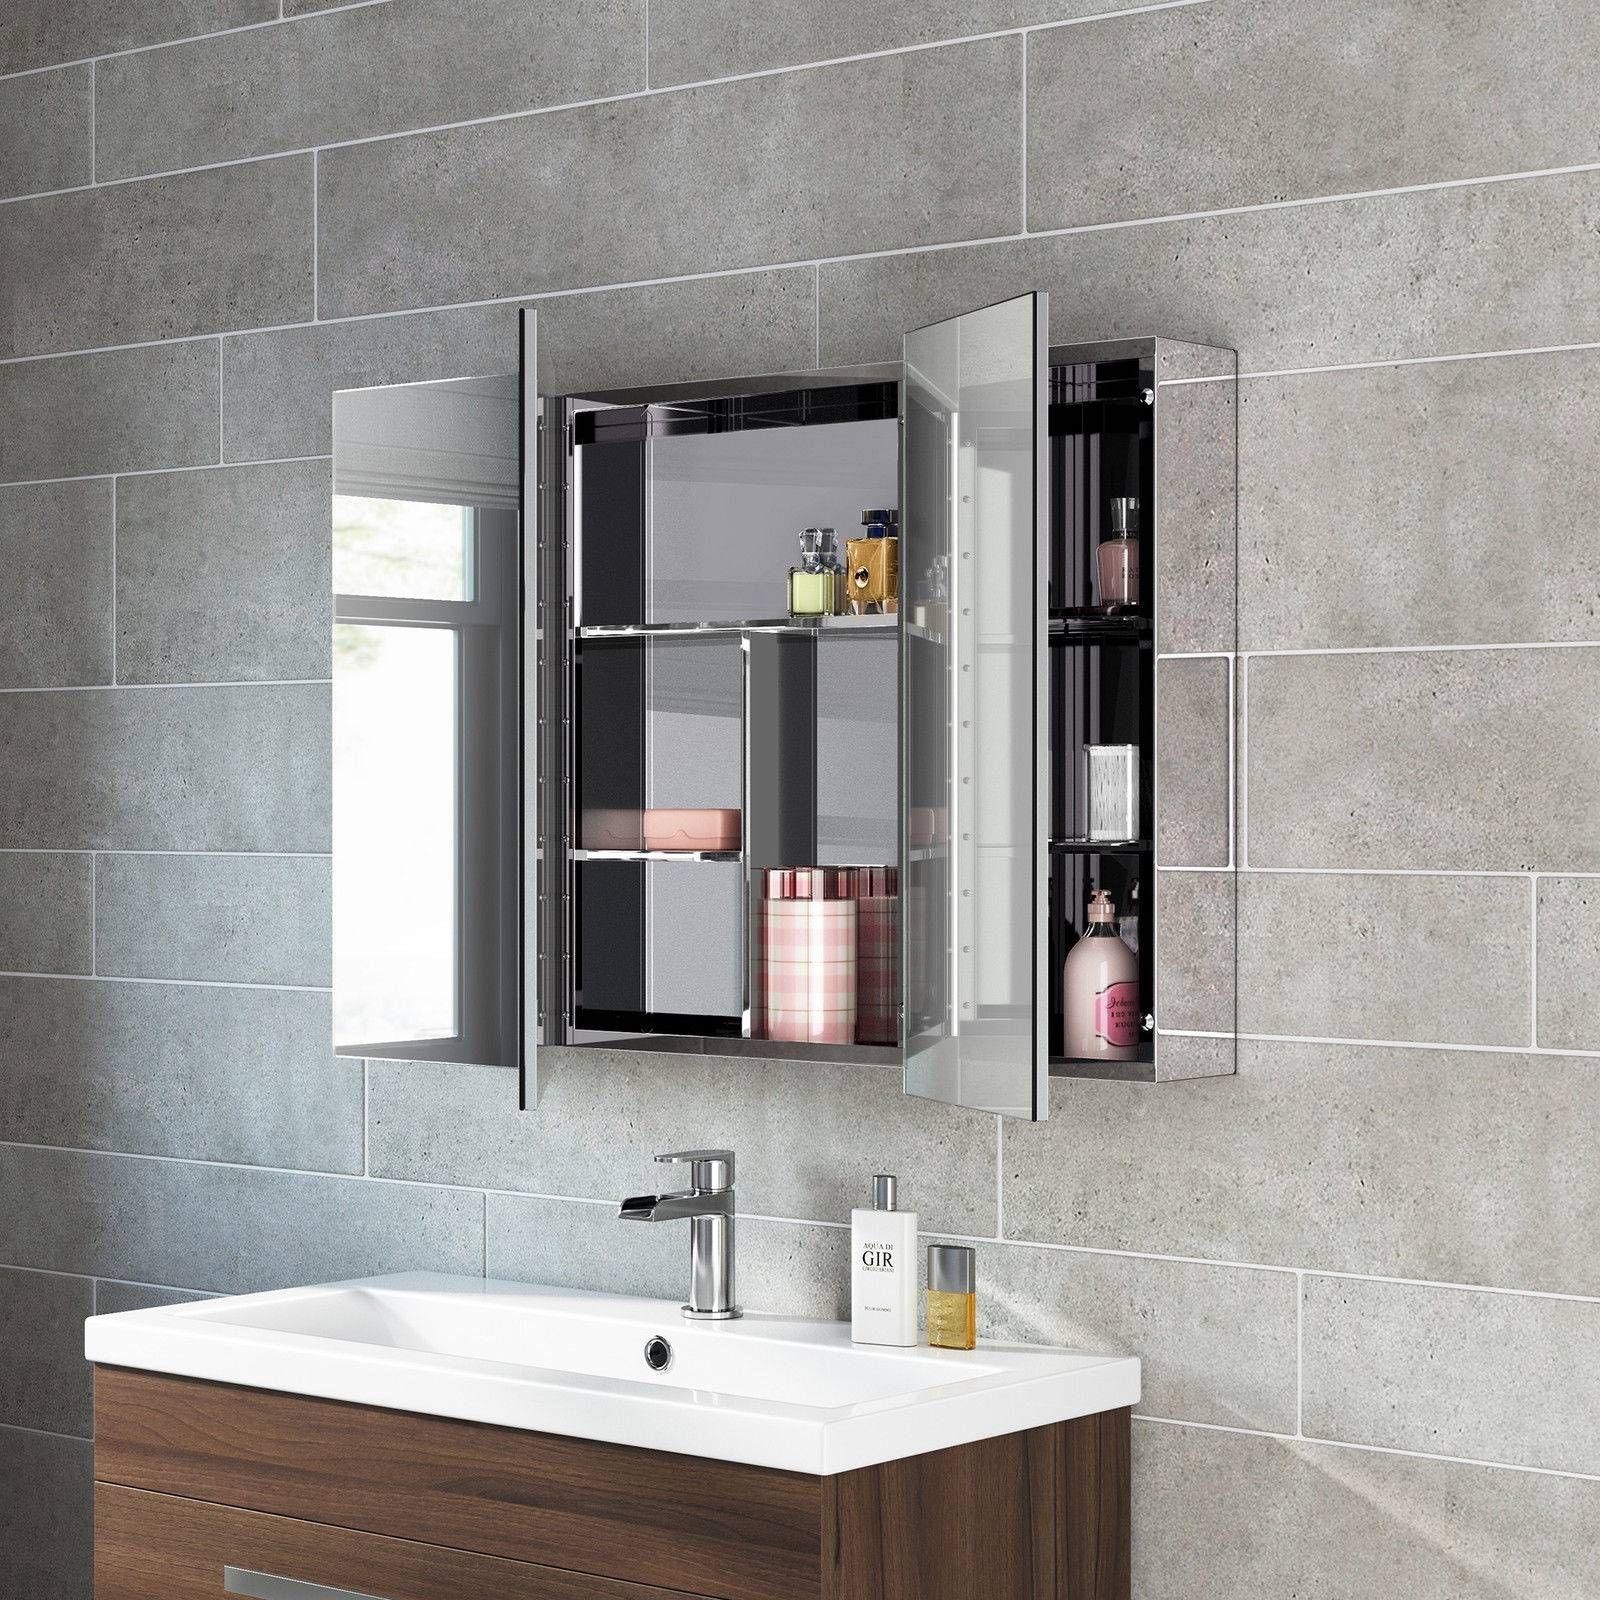 Bathroom Mirror With Storage Unique Bathroom Mirror Storage Unit Wall Mirrored Cabinet Mc111 Mirror Cabinets Bathroom Mirror Cabinet Mirror Design Wall